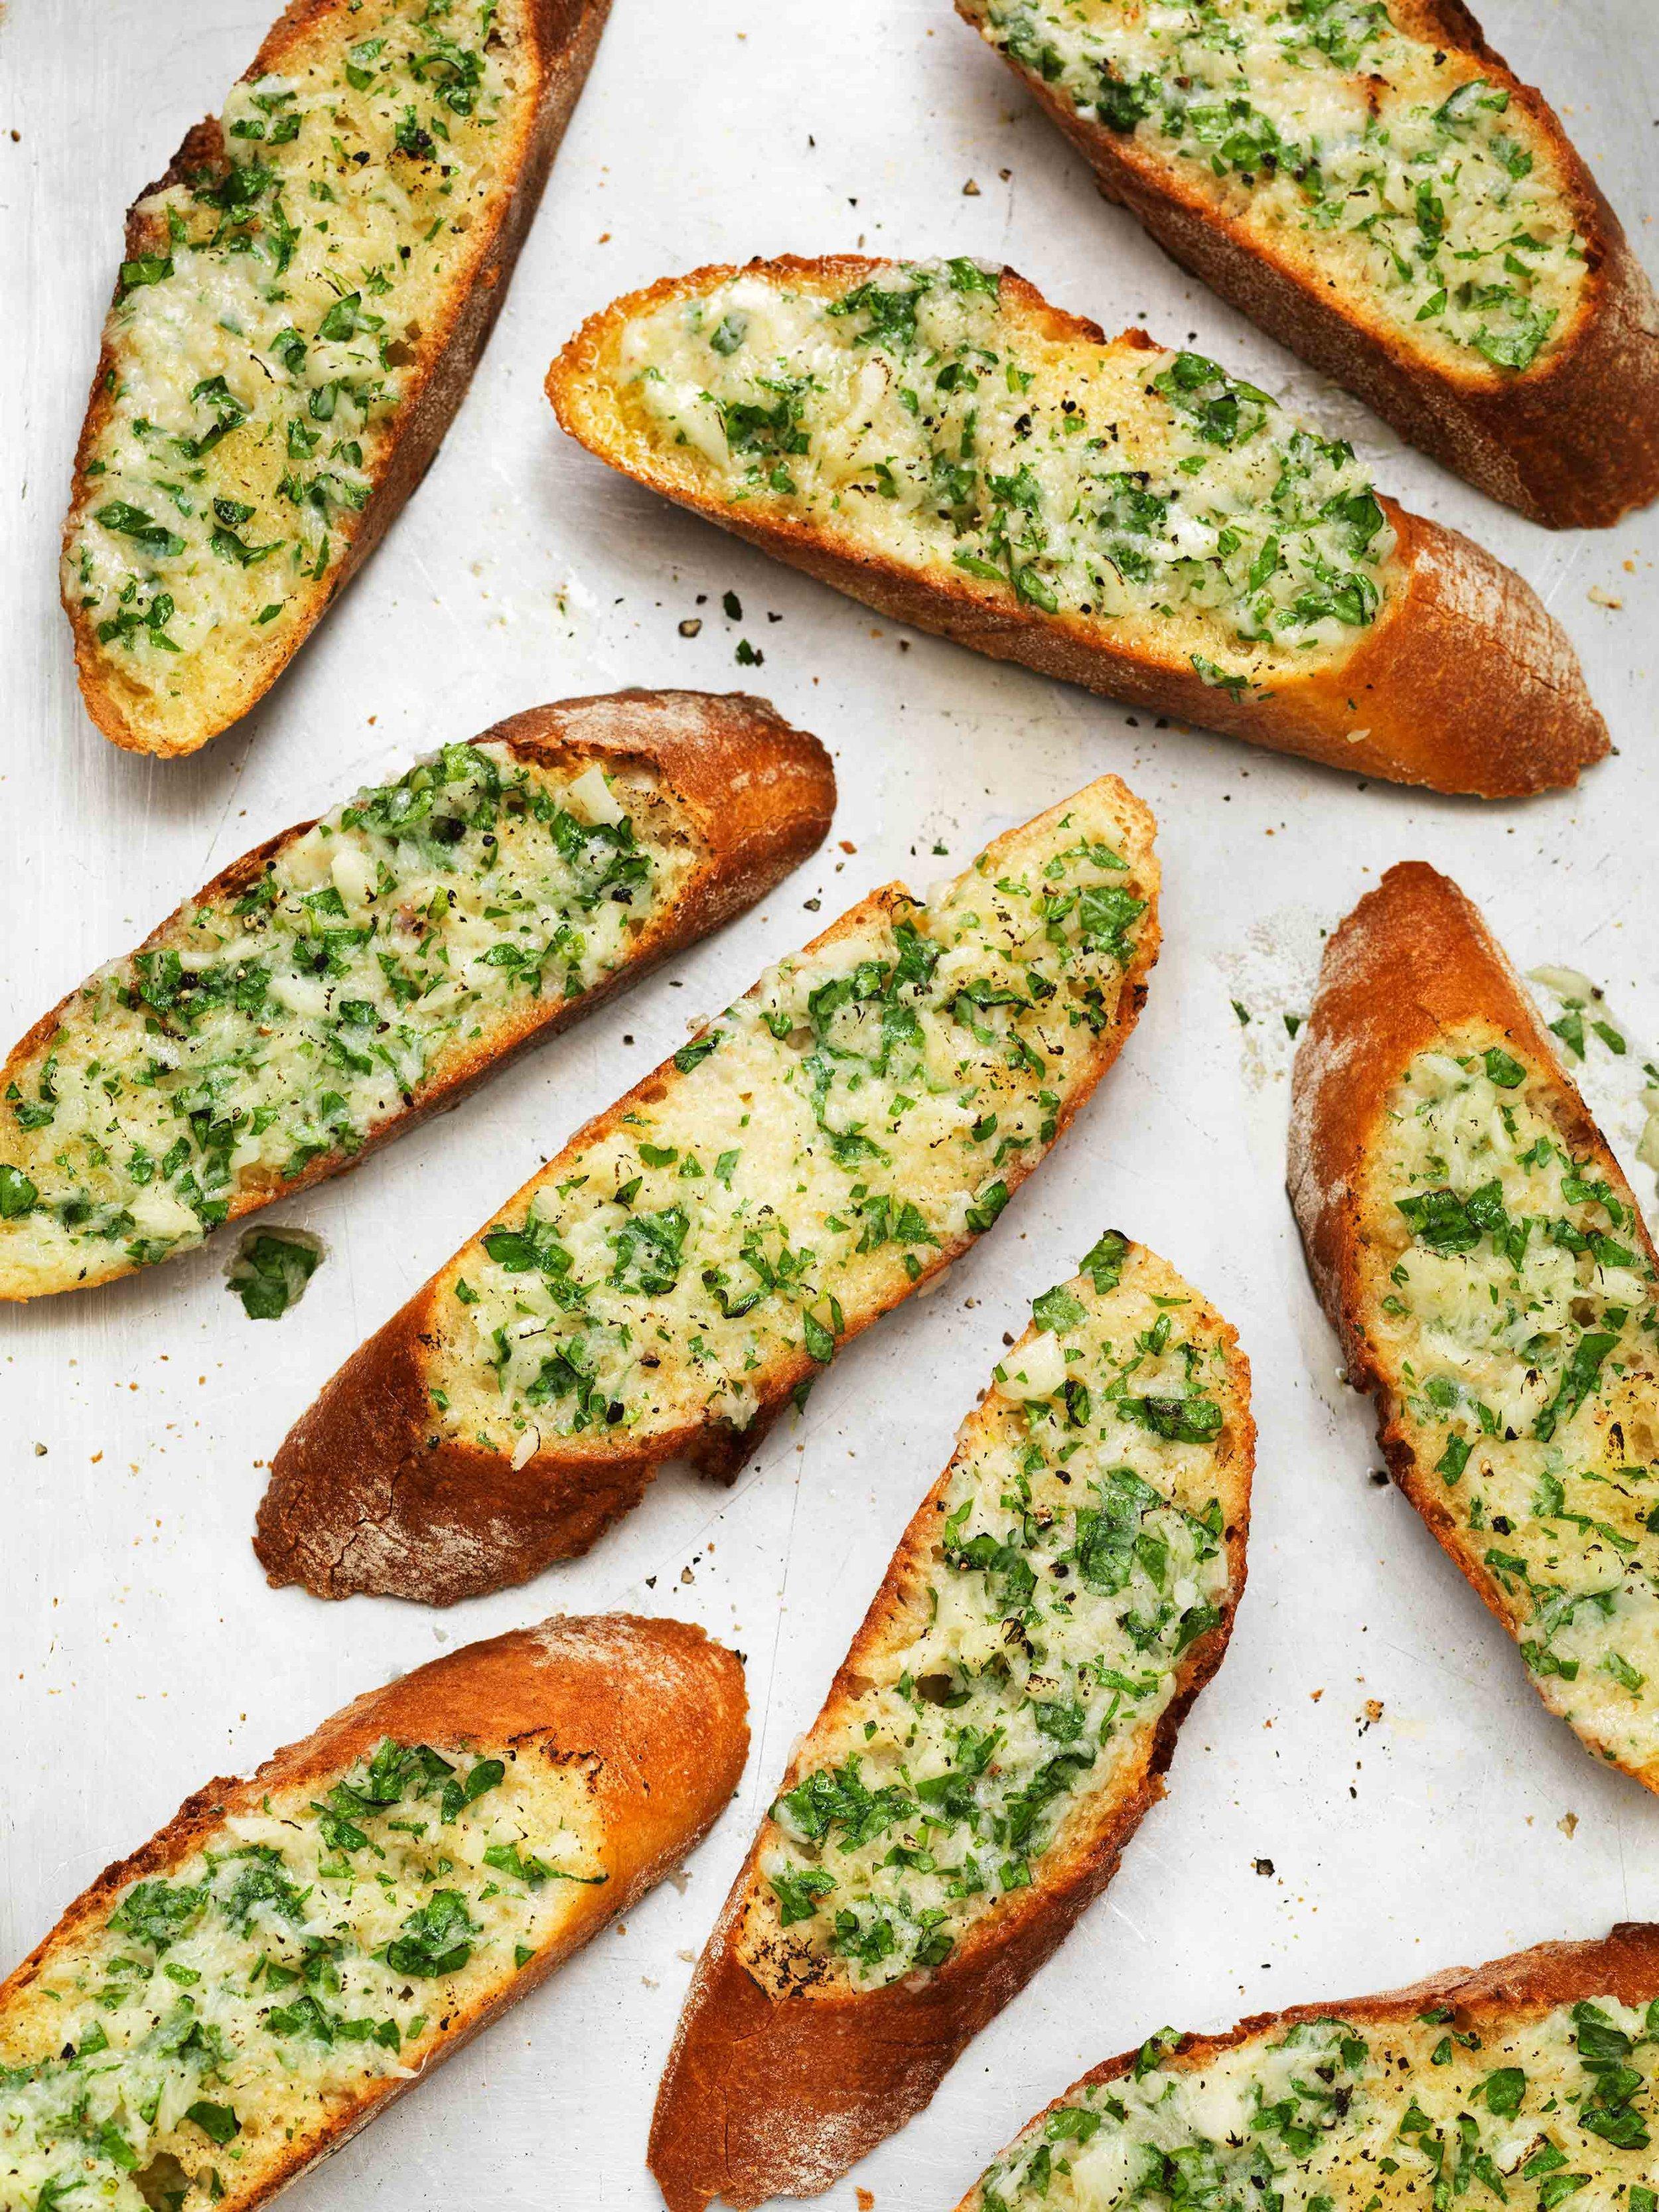 Garlic-Bread_10020editWeb.jpg